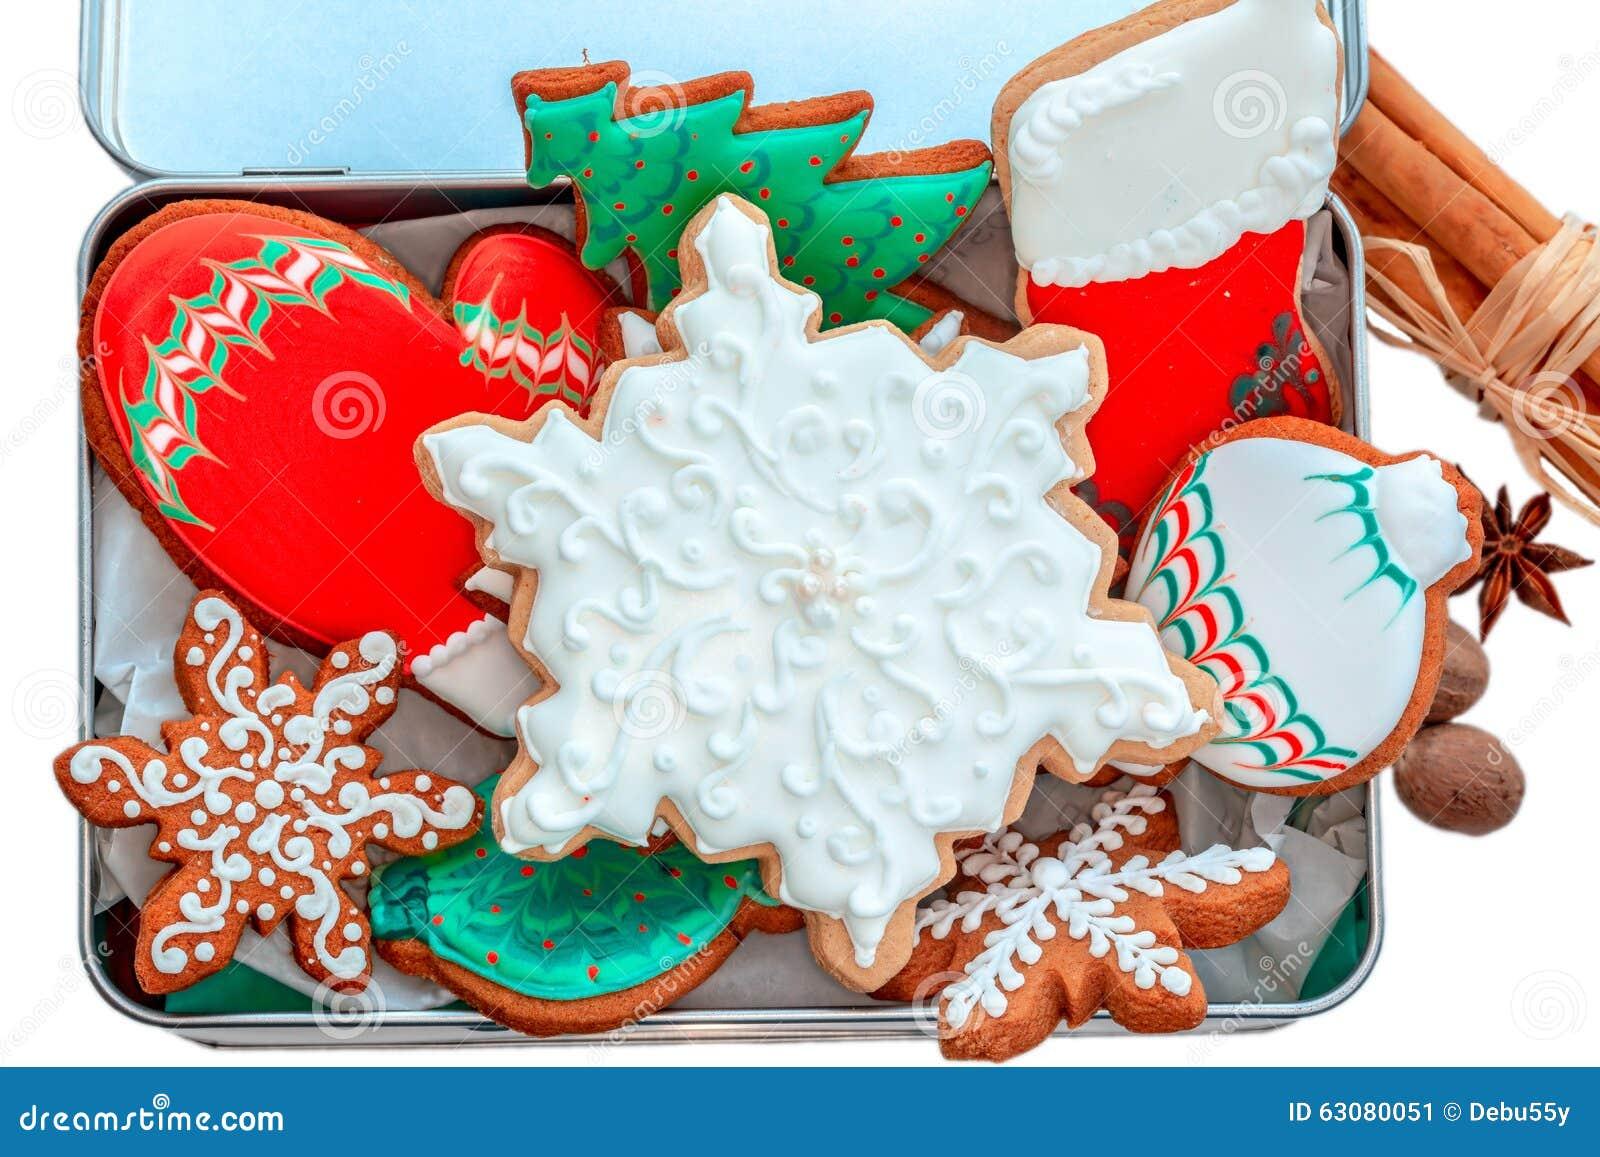 Download Biscuits glacés de Noël image stock. Image du festive - 63080051